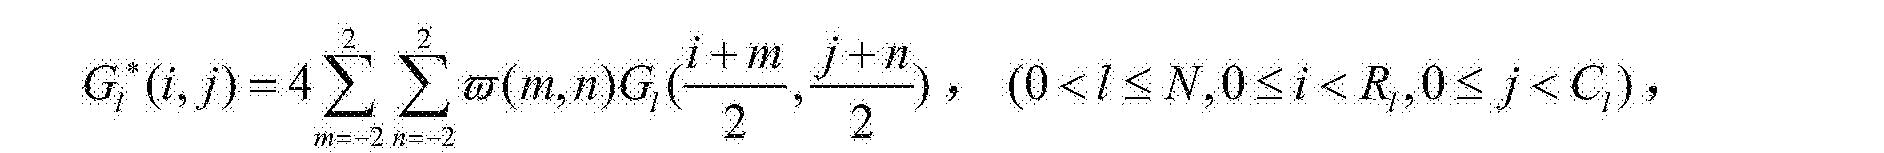 Figure CN105069746AC00043